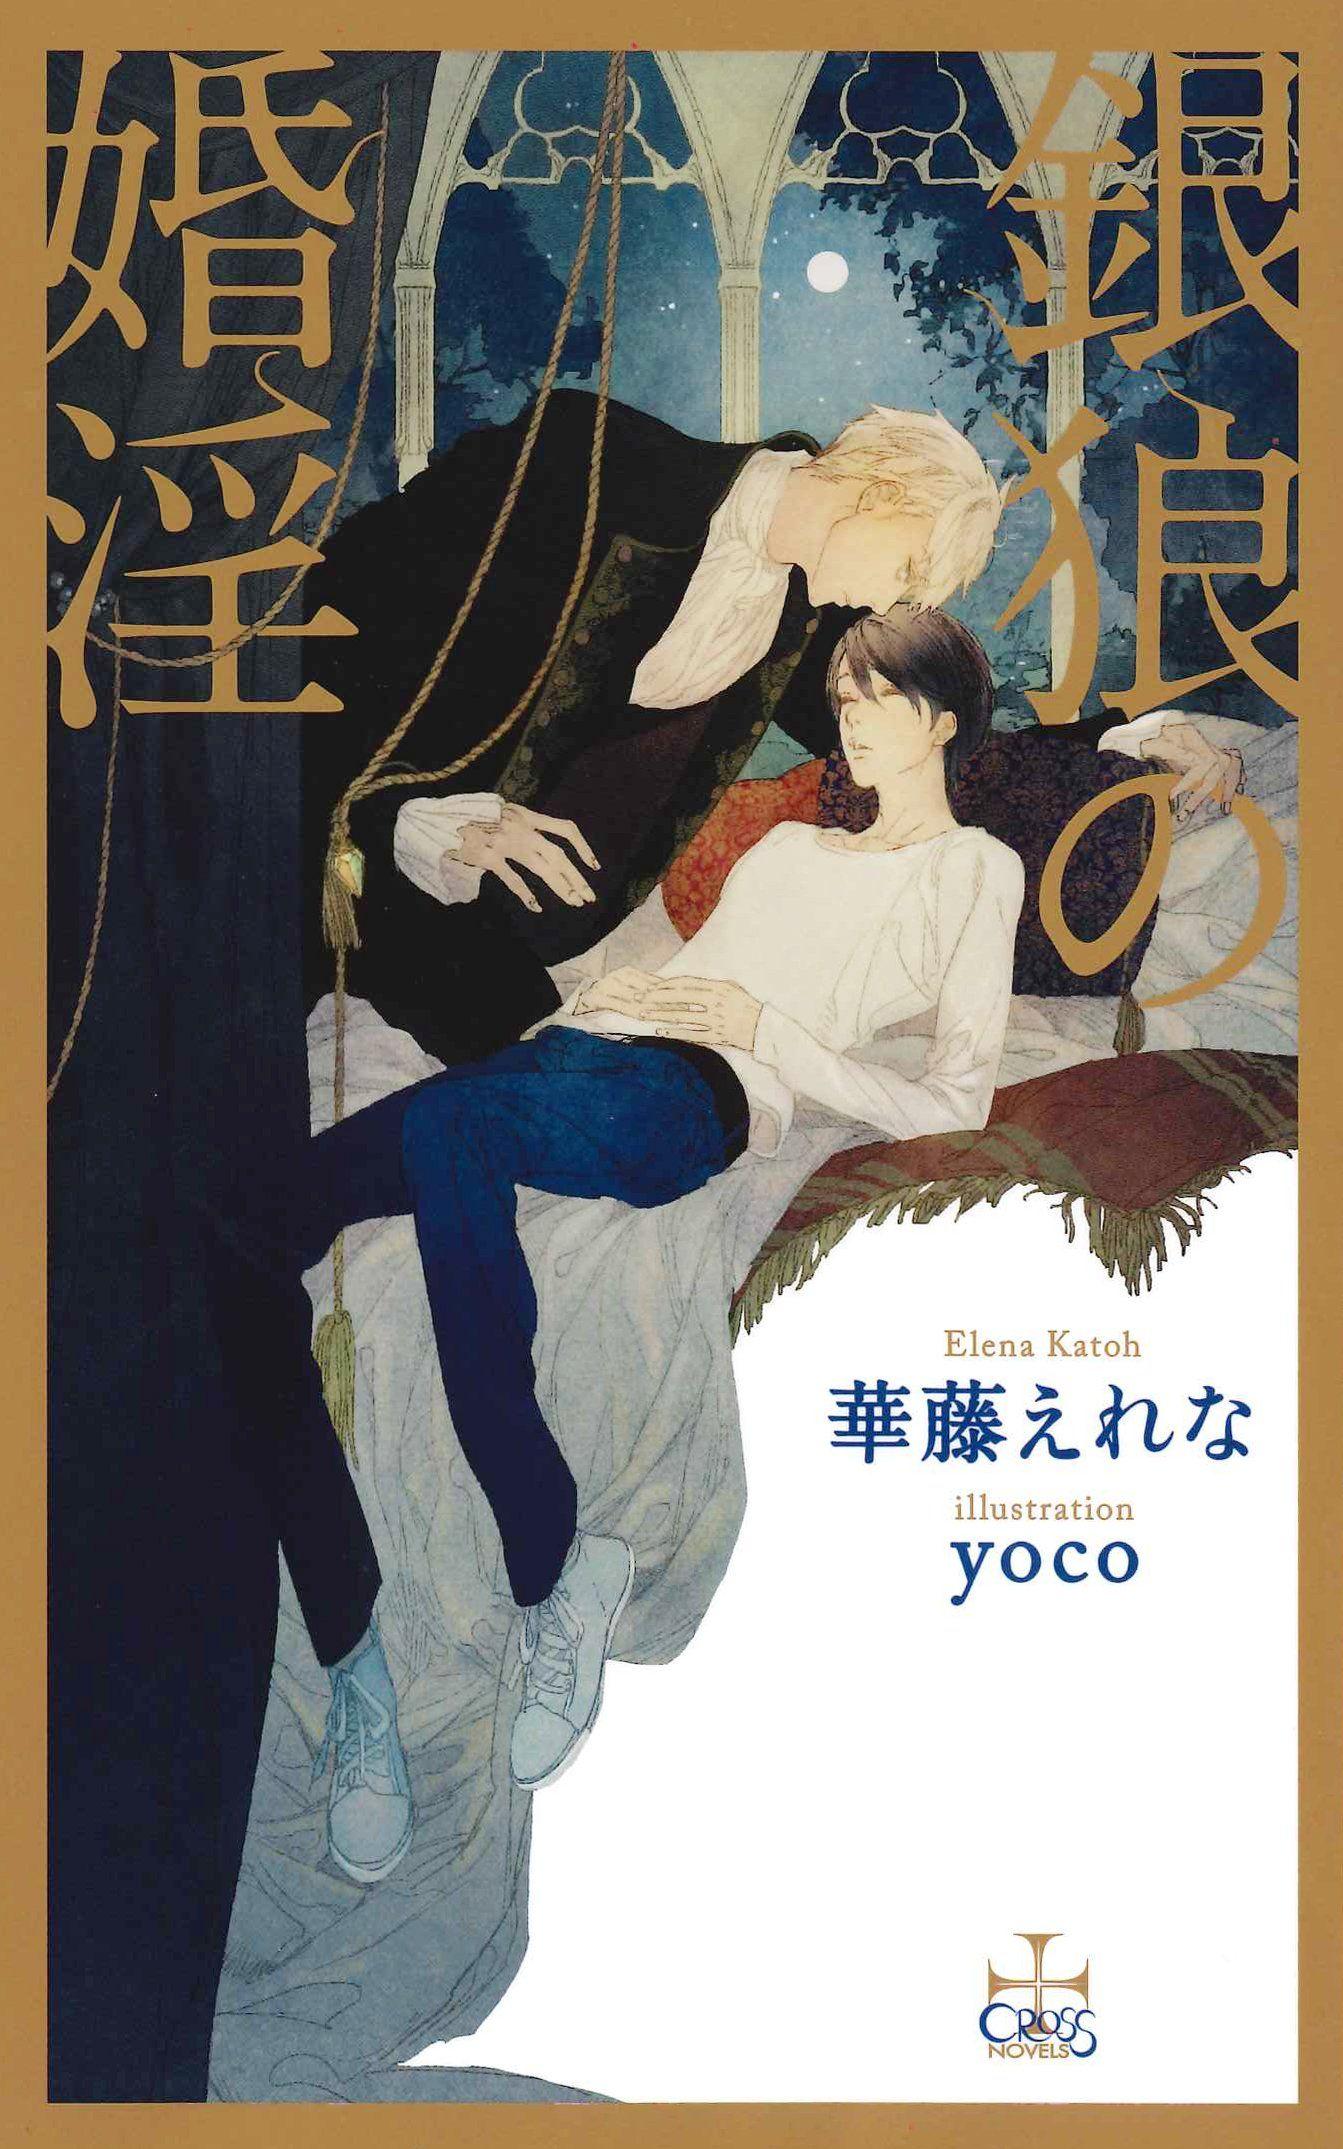 amazon.co.jp: 銀狼の婚淫 (クロスノベルス): 華藤 えれな, yoco: 本